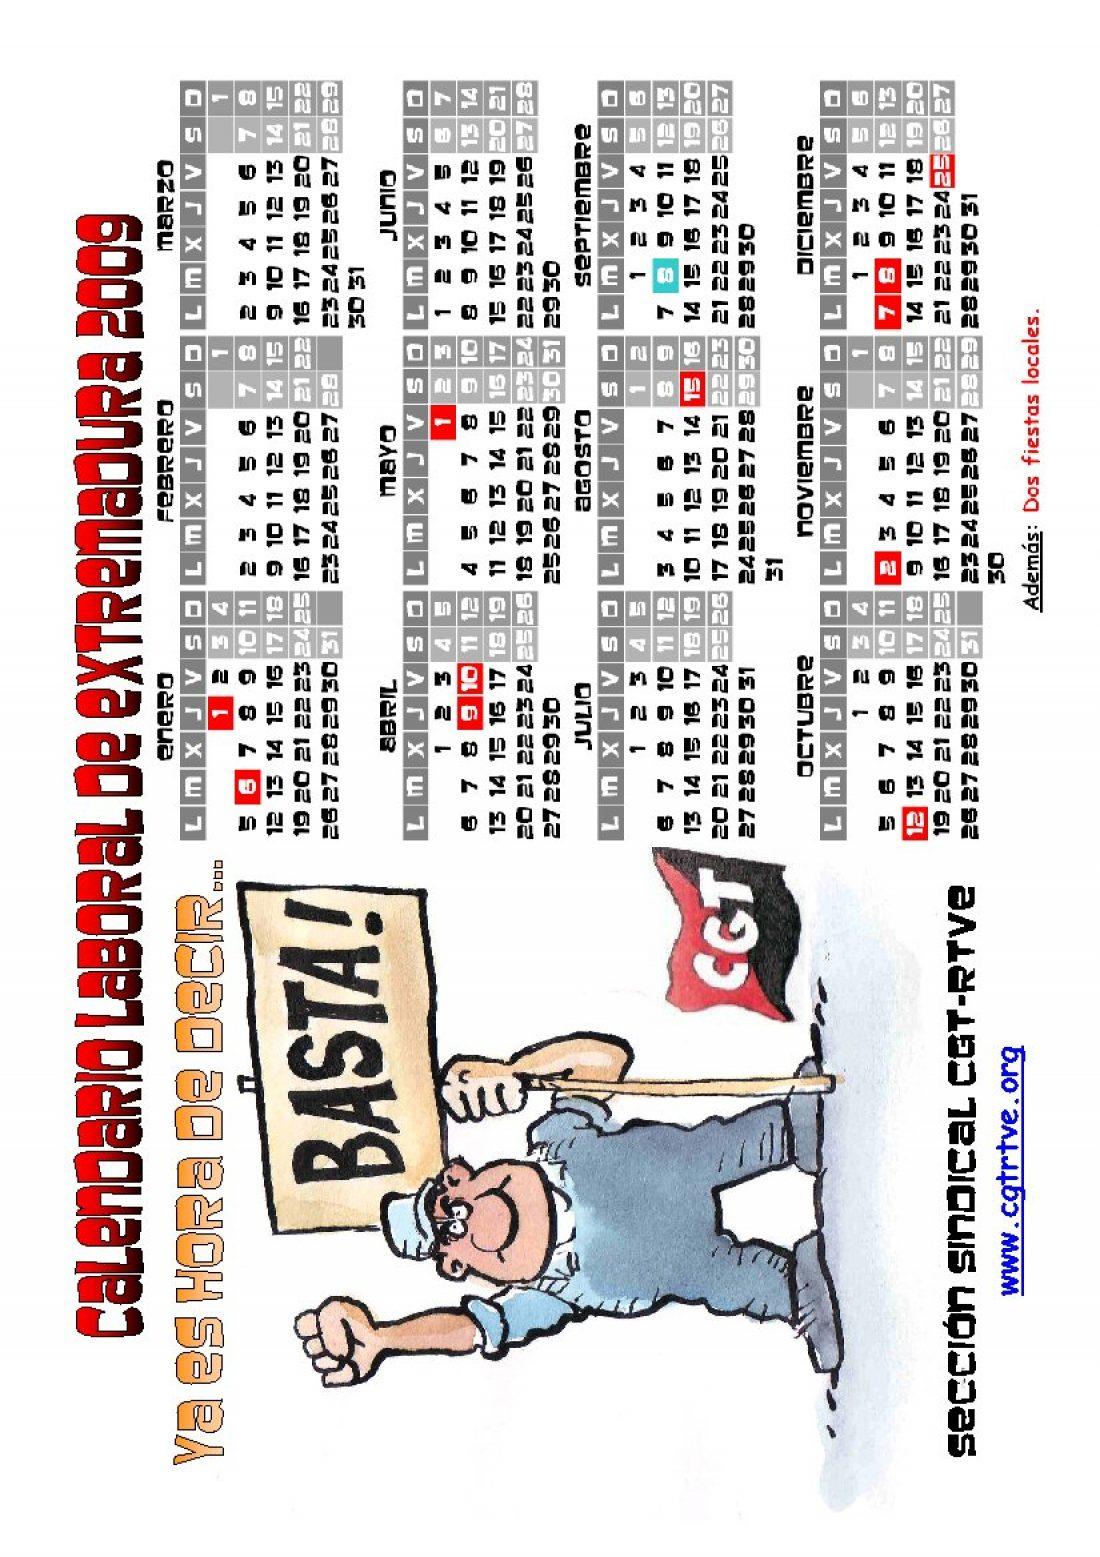 PDF cegetero del Calendario Laboral 2009 de Extremadura